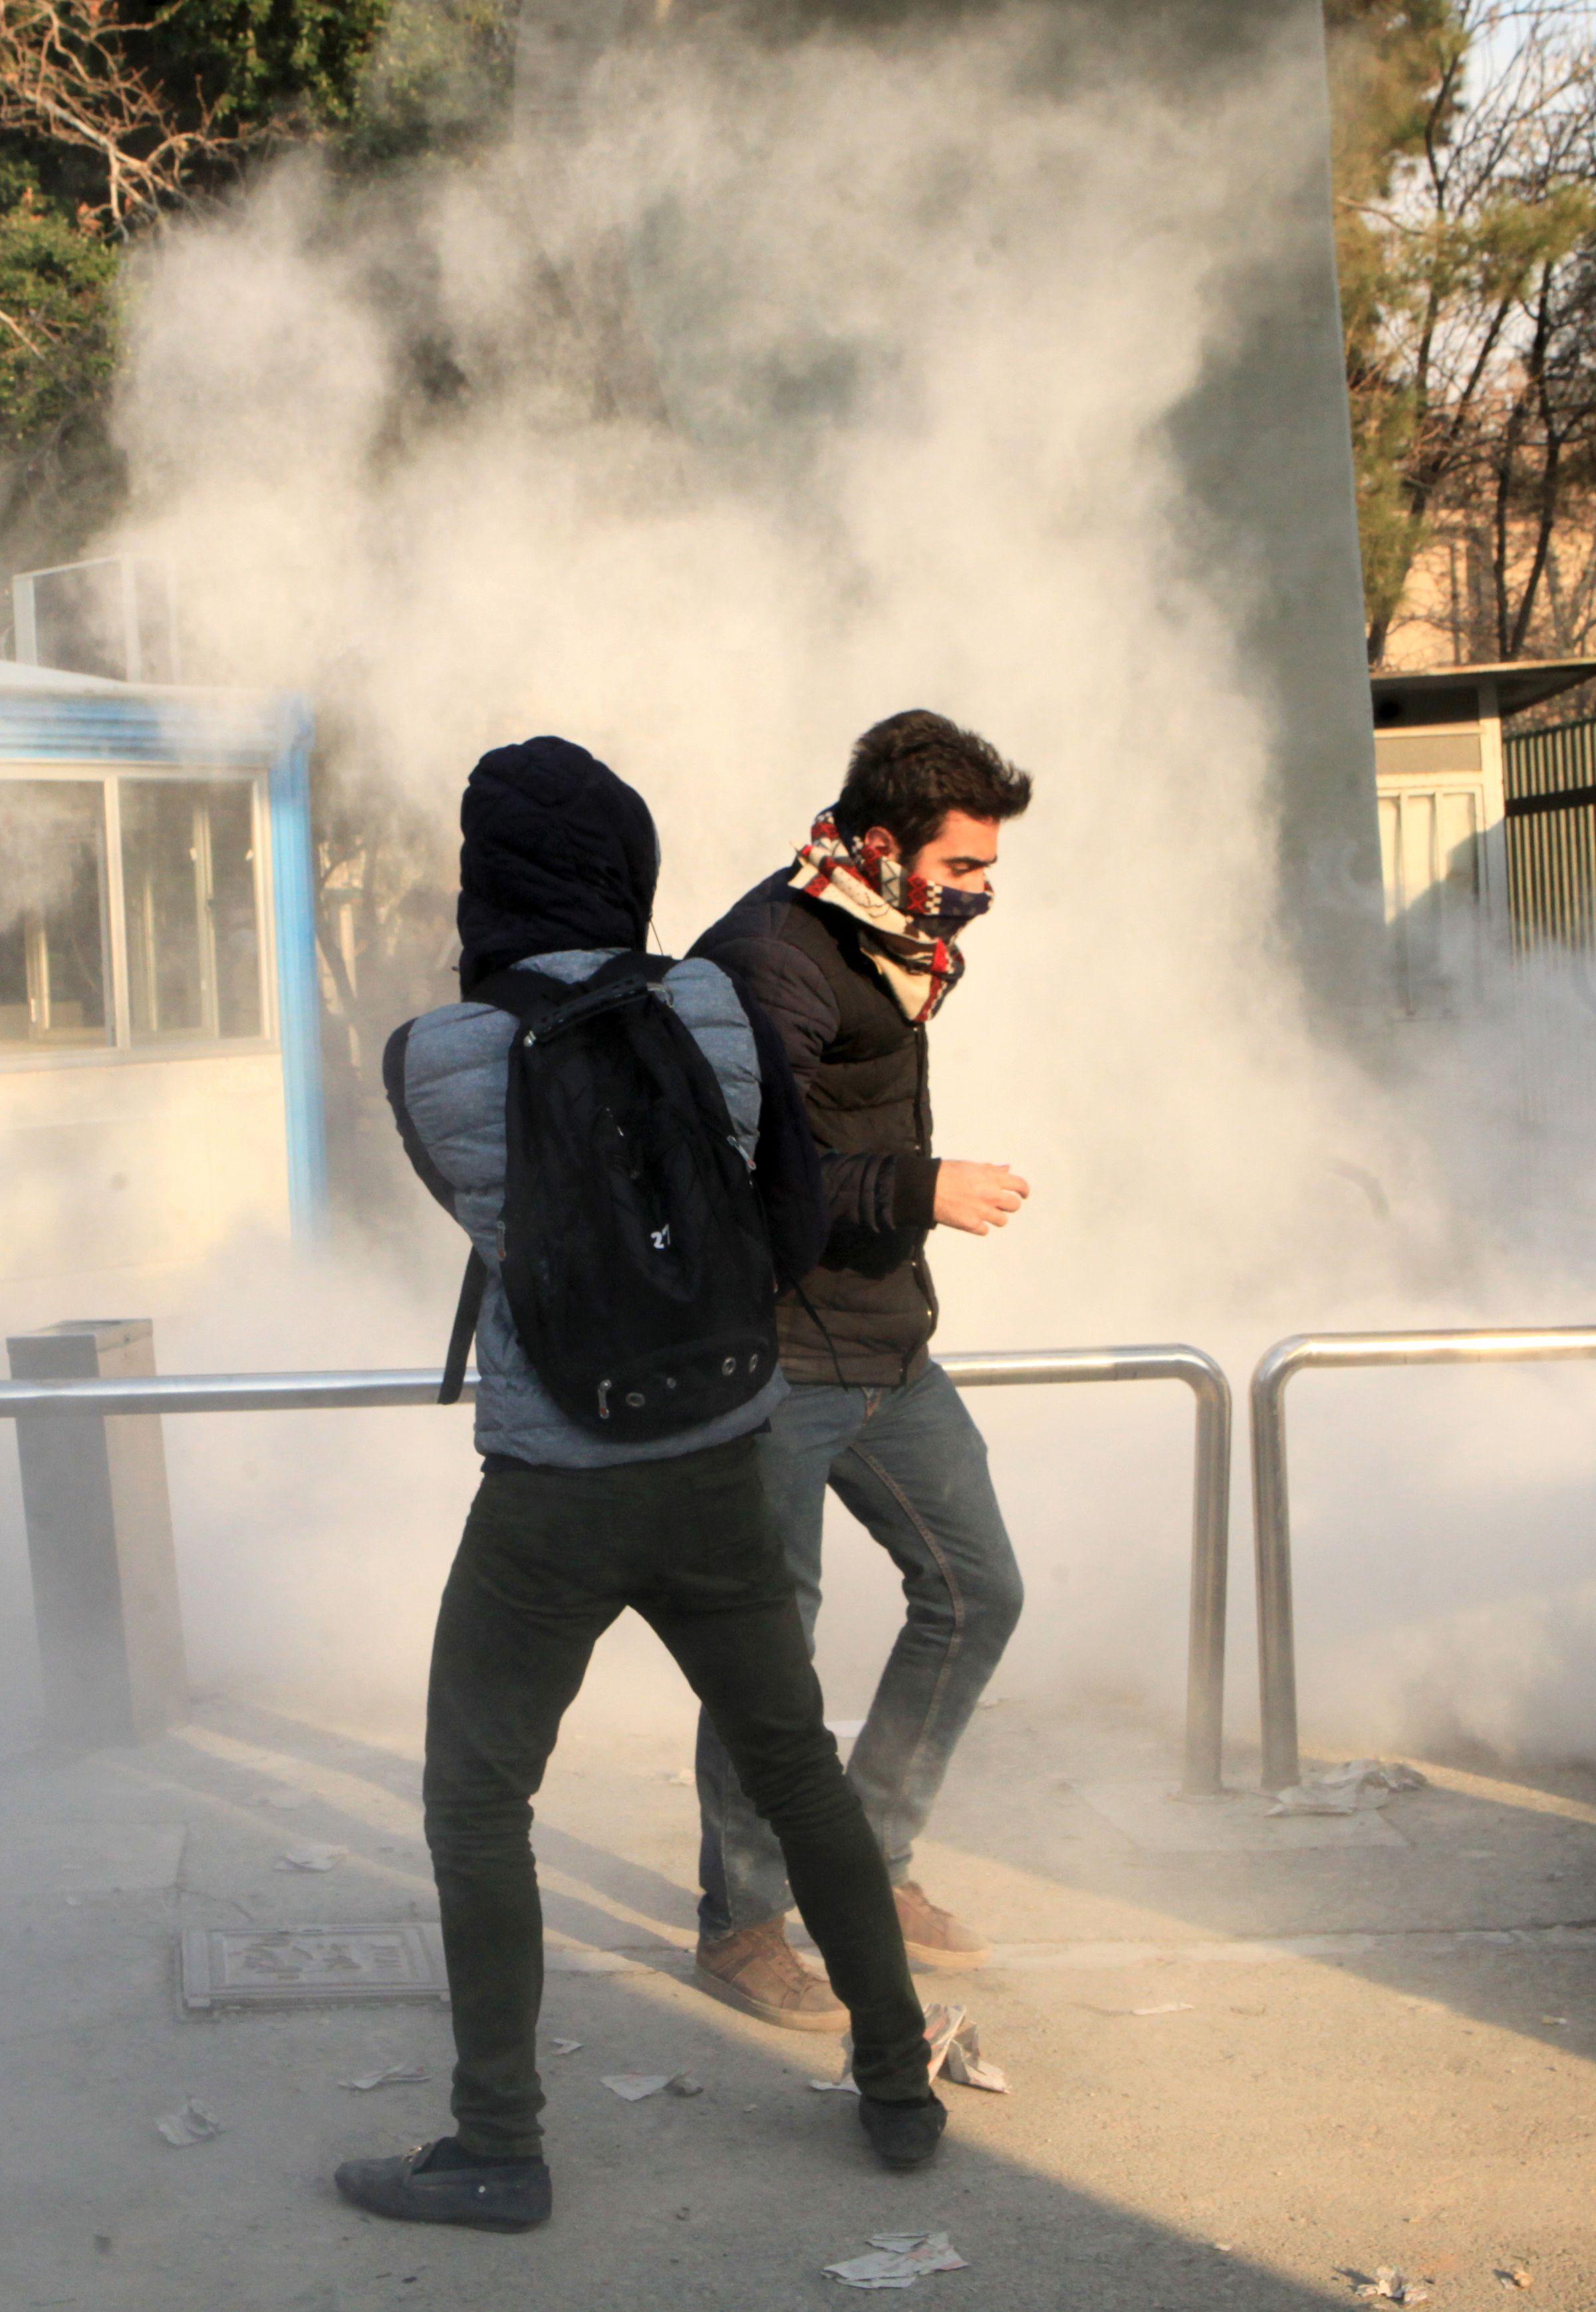 671359-الشرطة-الايرانية-تطلق-الغاز-المسيل-للدموع-على-المتظاهرين